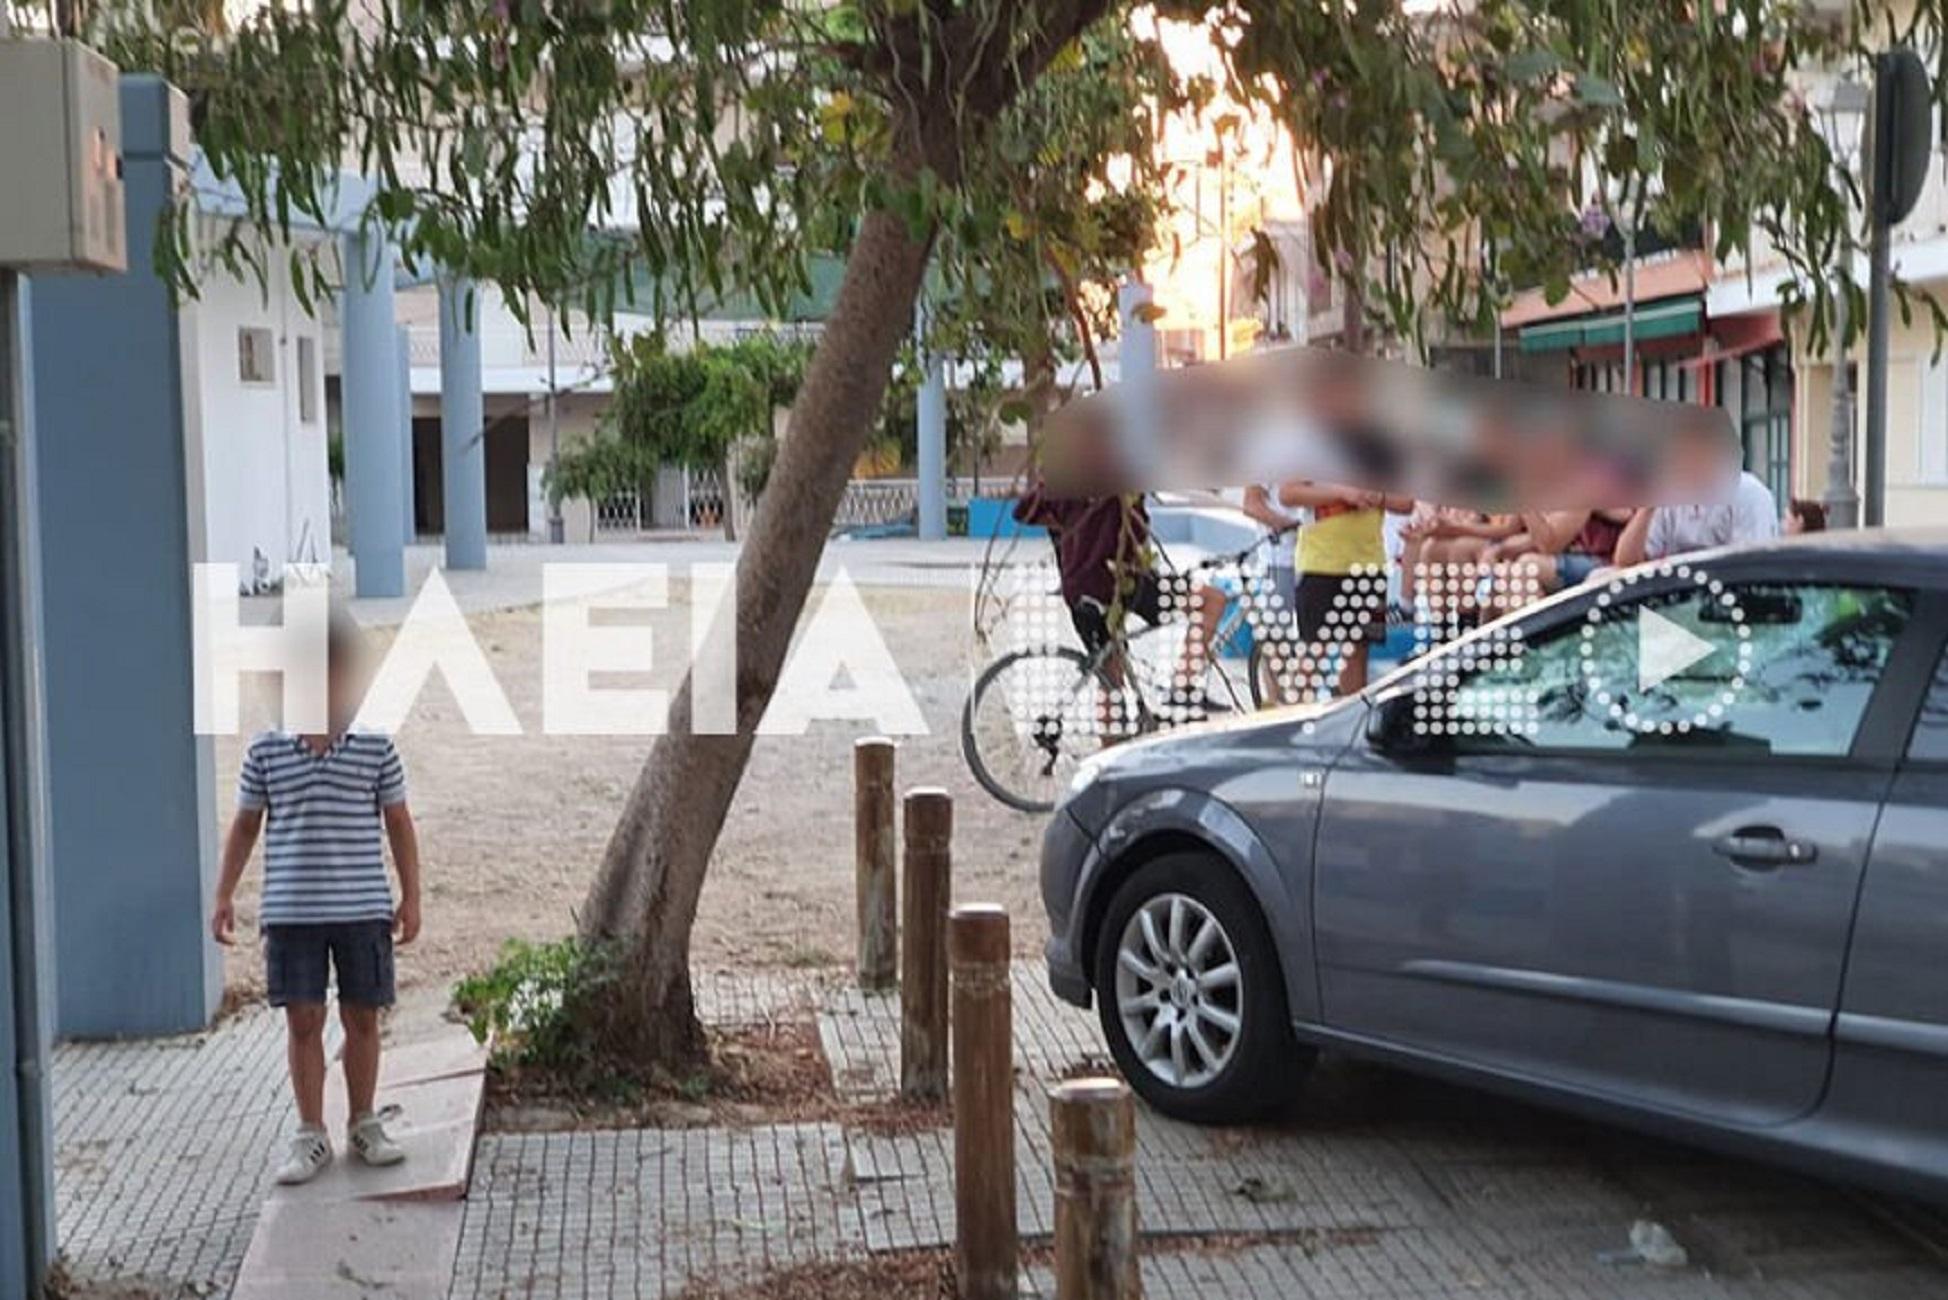 Πύργος: Ηλικιωμένος επιτέθηκε με όπλο σε παιδιά γιατί τον πείραζε το παιχνίδι τους